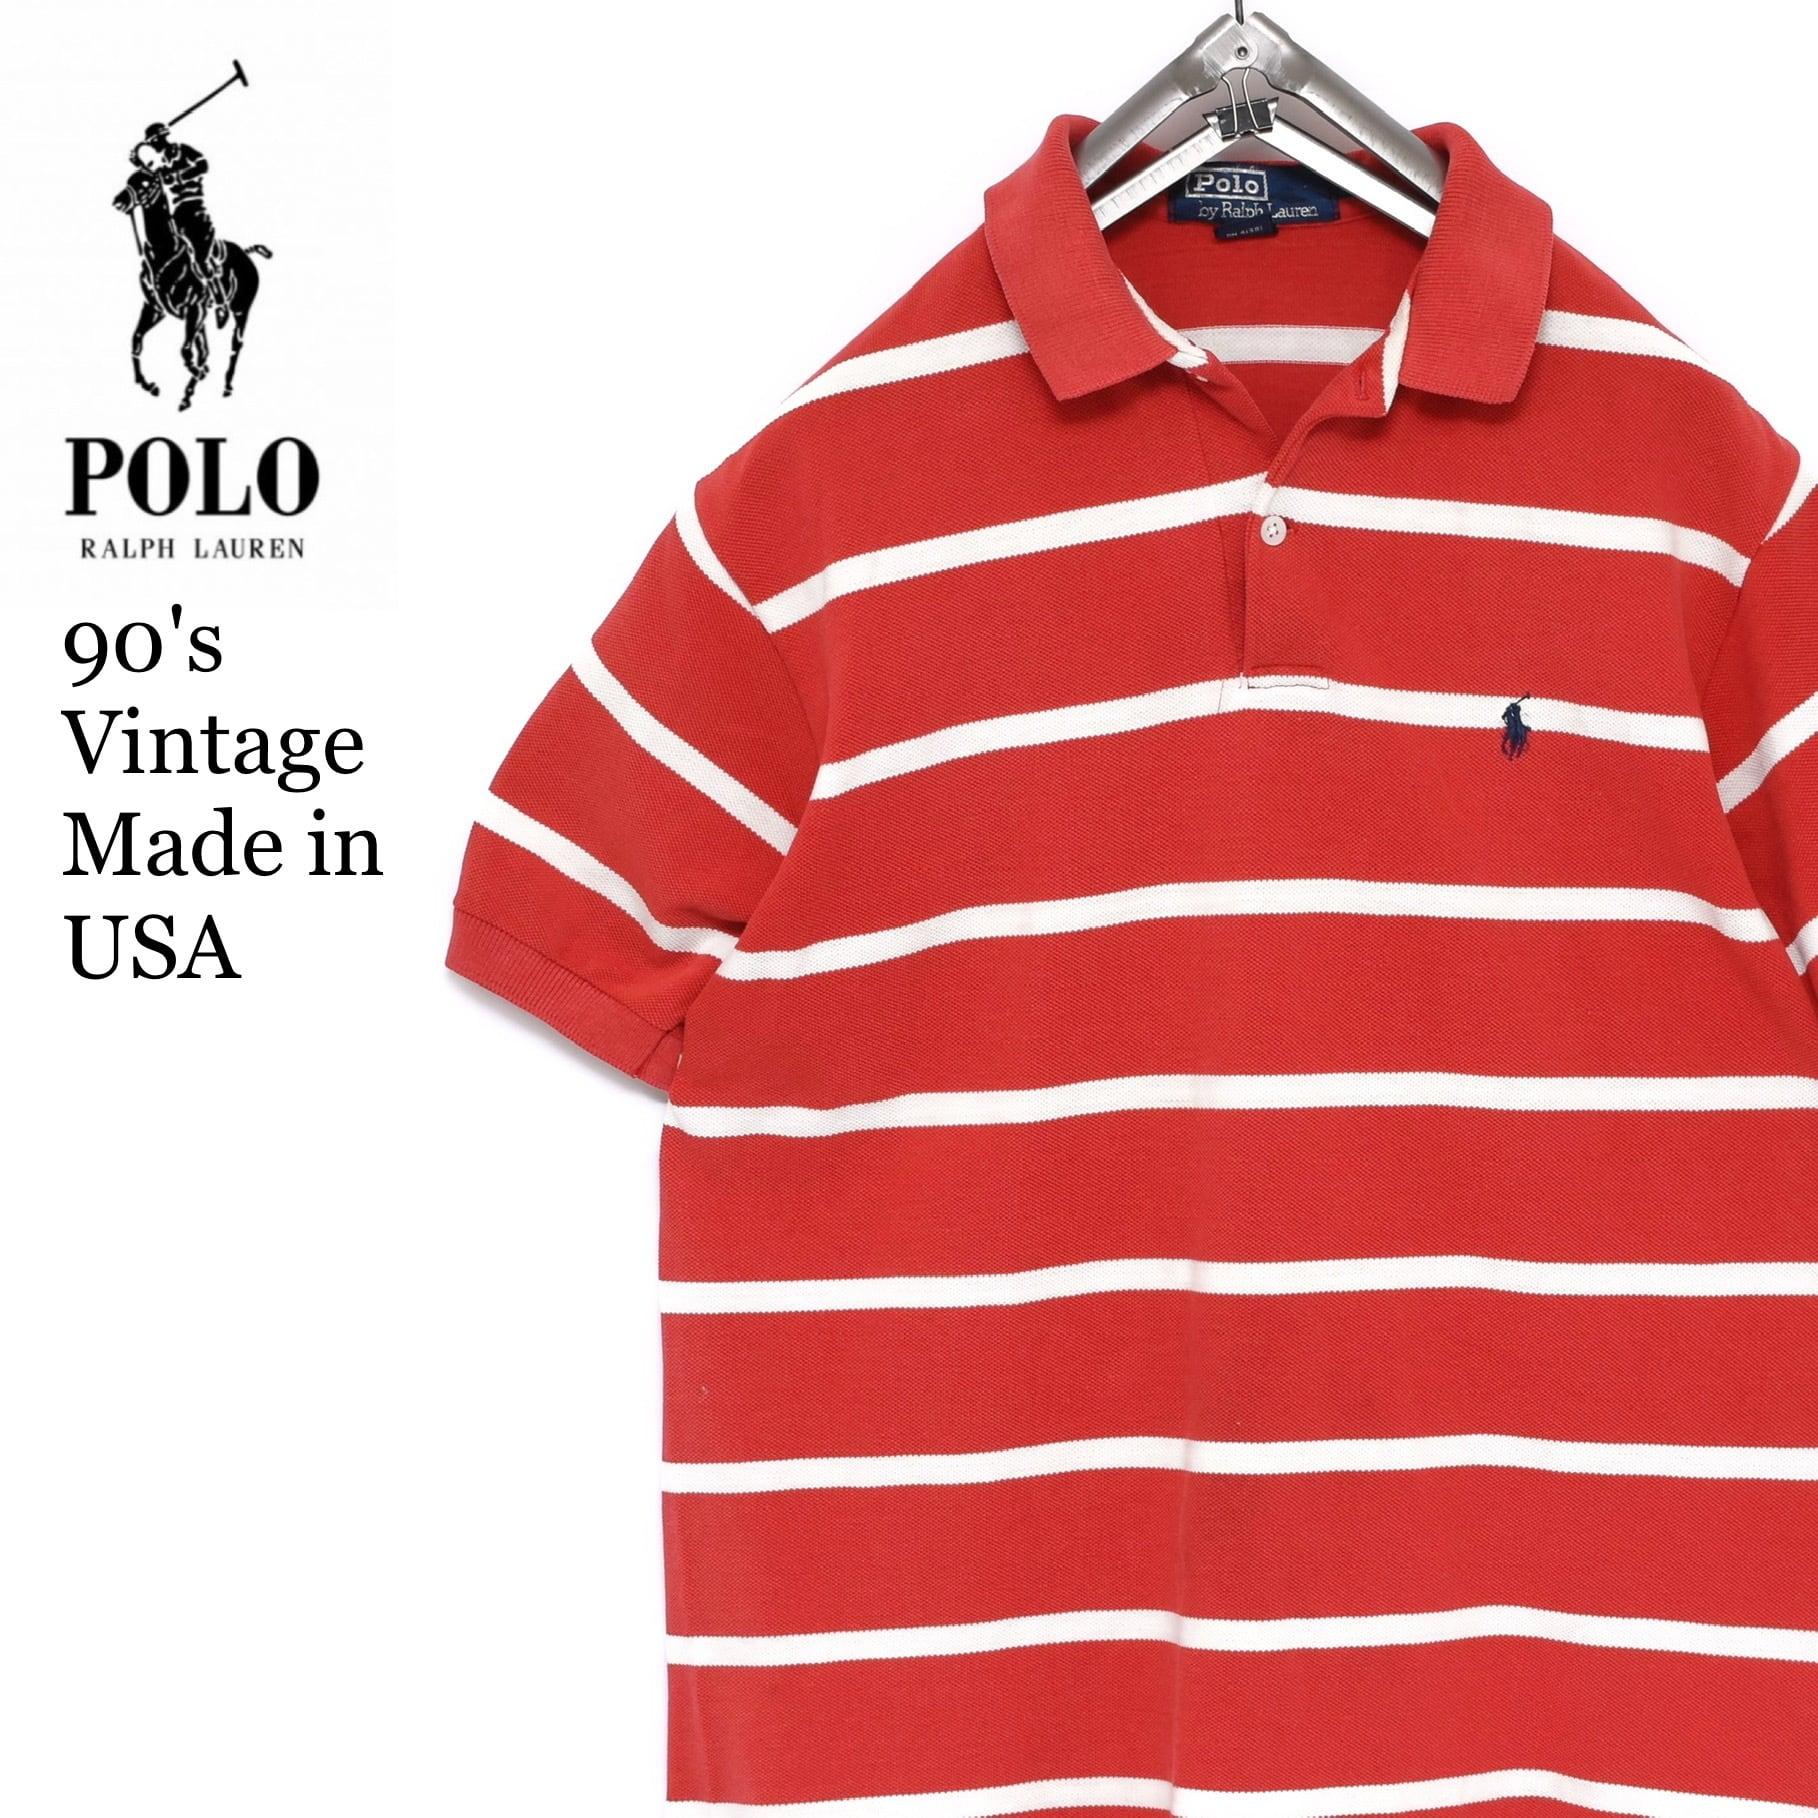 【USA製】【状態良好】80s-90s ラルフローレン ボーダー ポロシャツ ビンテージ